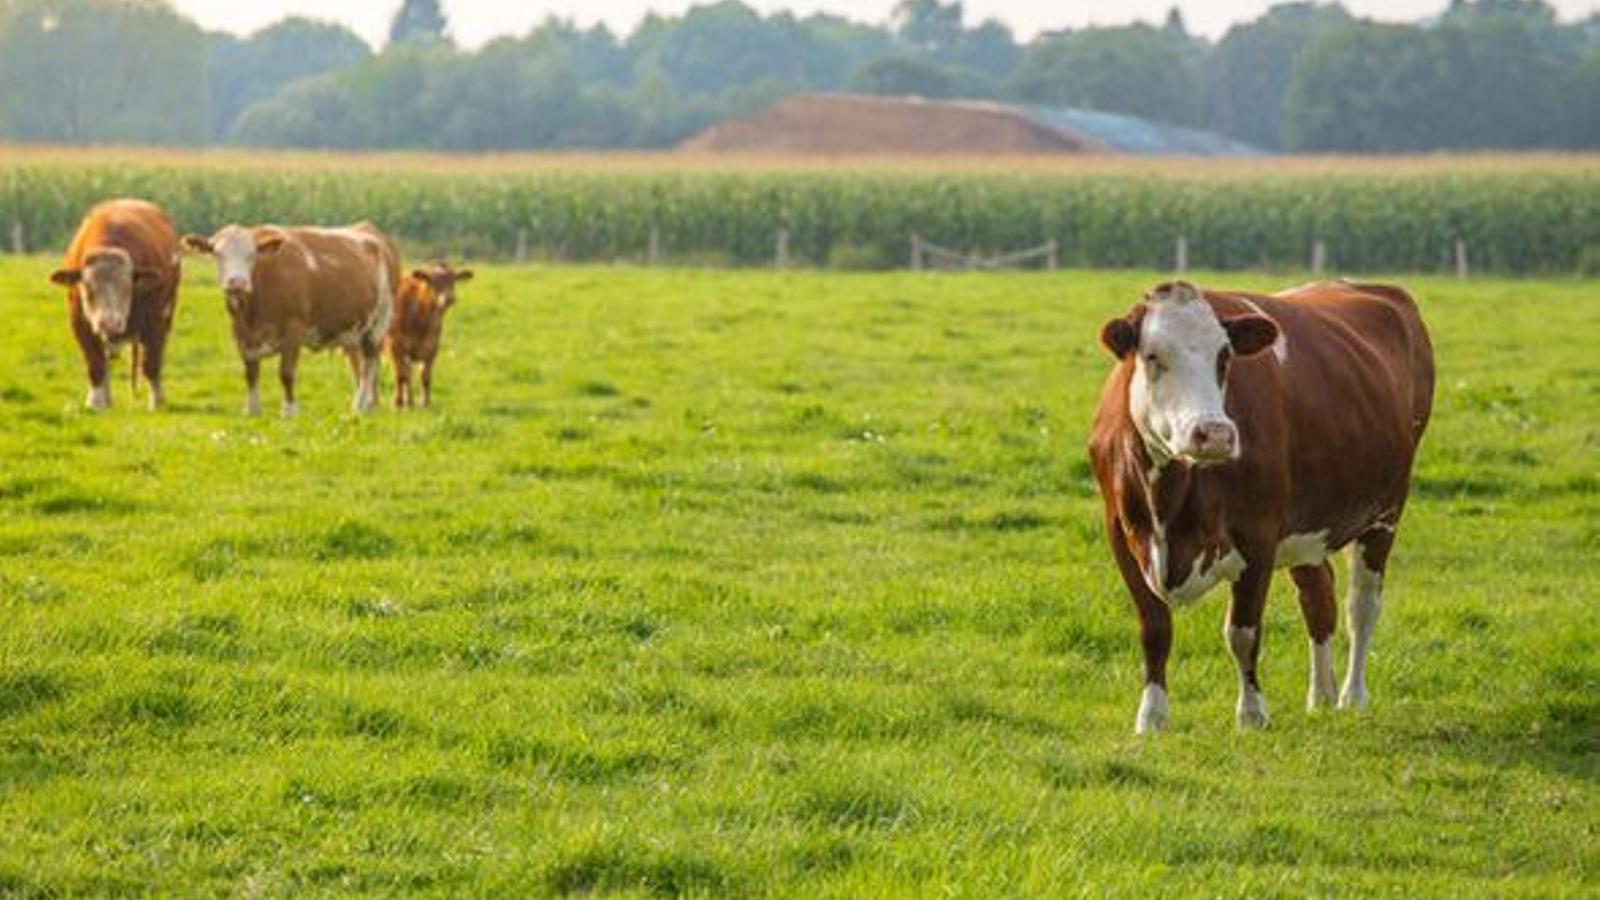 El cas s'ha produït en una granja del comtat d'Aberdeen / REUTERS